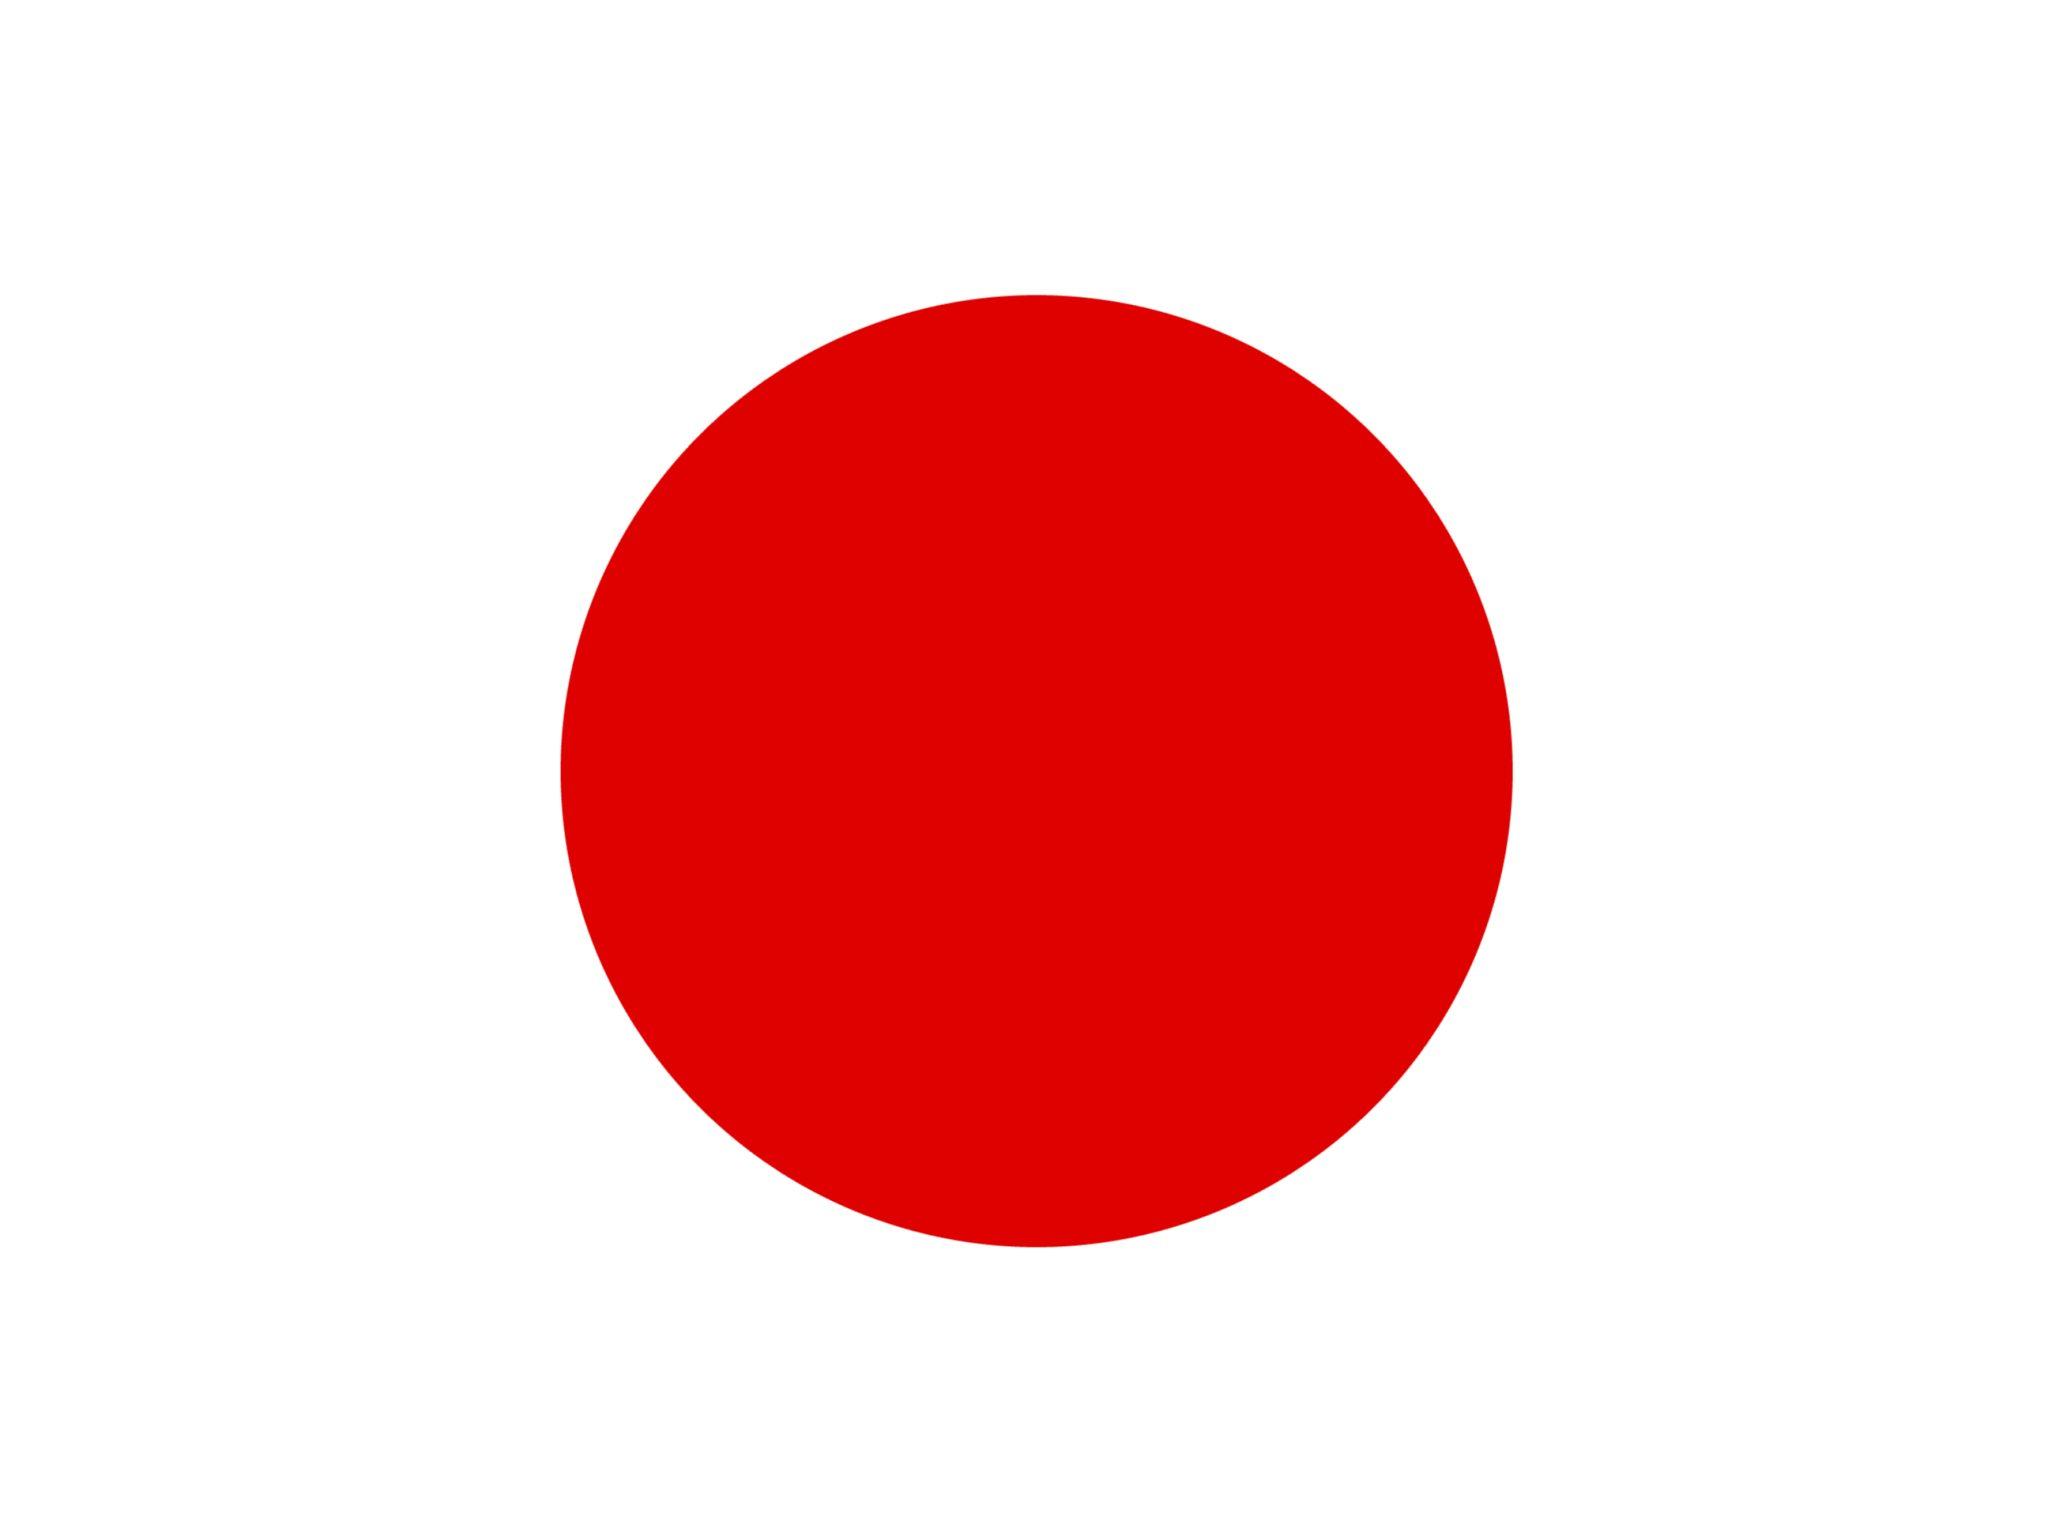 資本や学生の国籍比率で選ぶ - 日本人多い